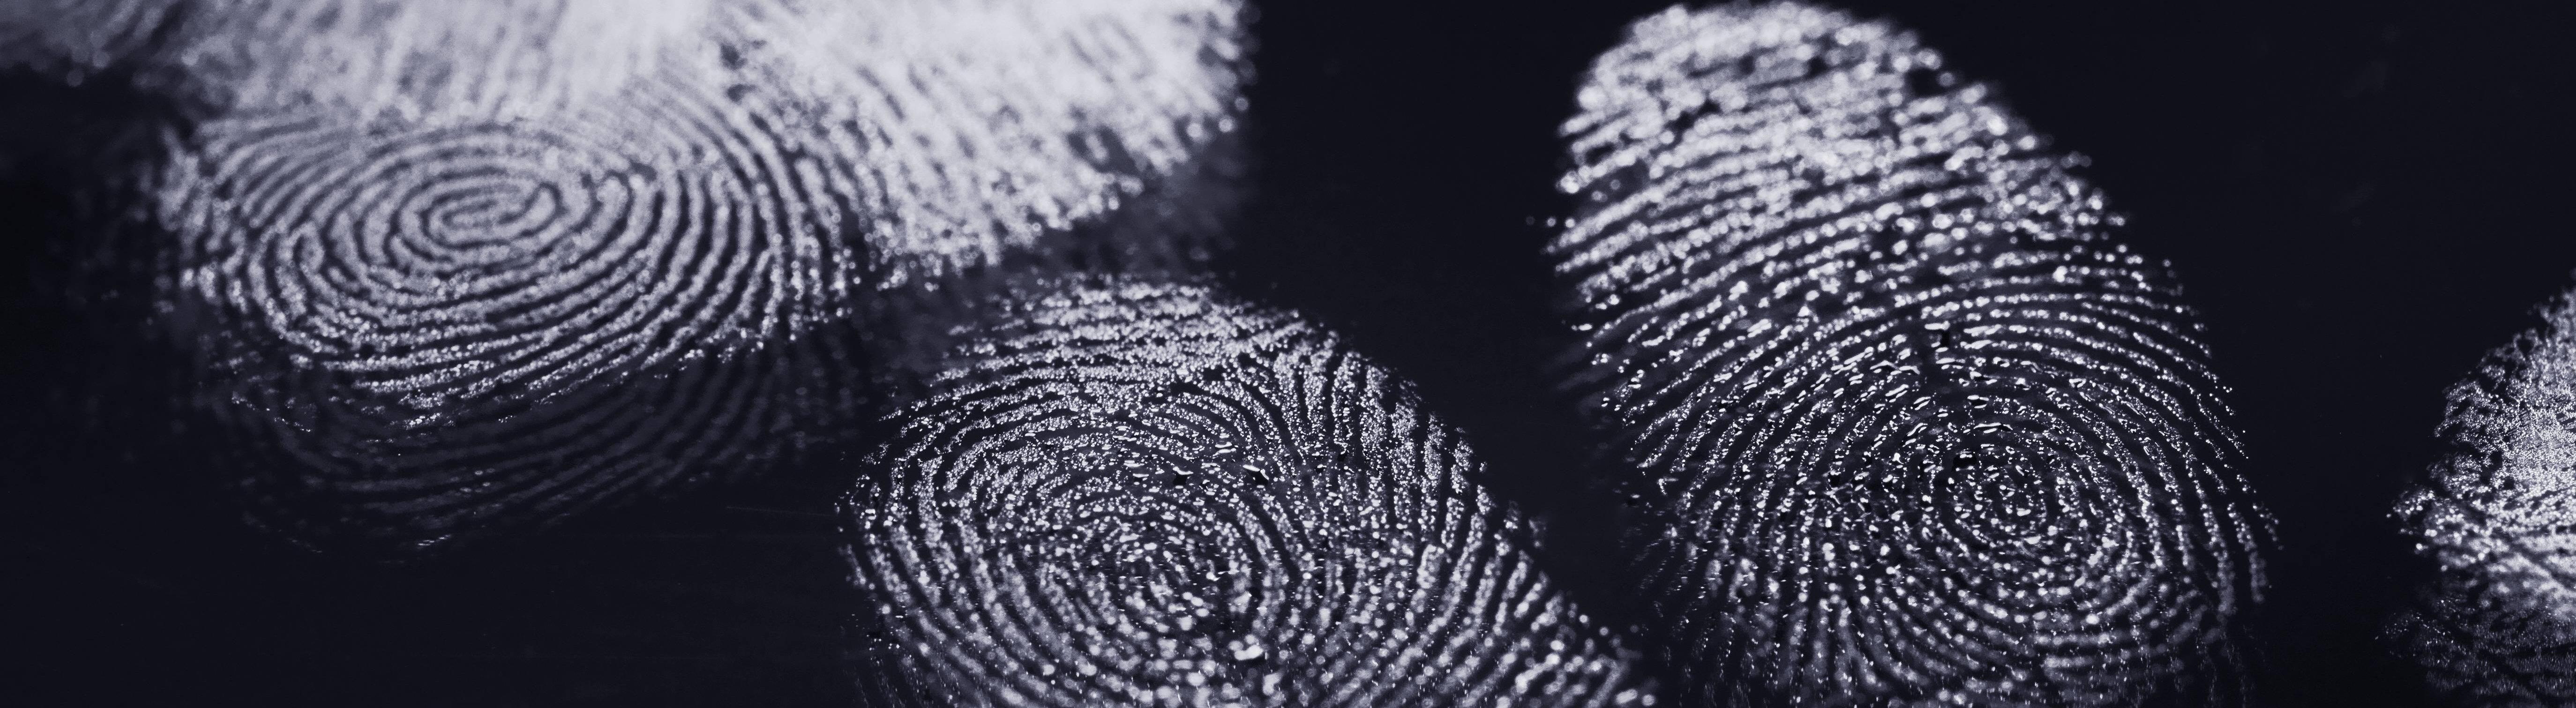 Ein neuer Fingerabdruck für eine neue Identität: Das war der Plan des Mafiosi Jesús Martín